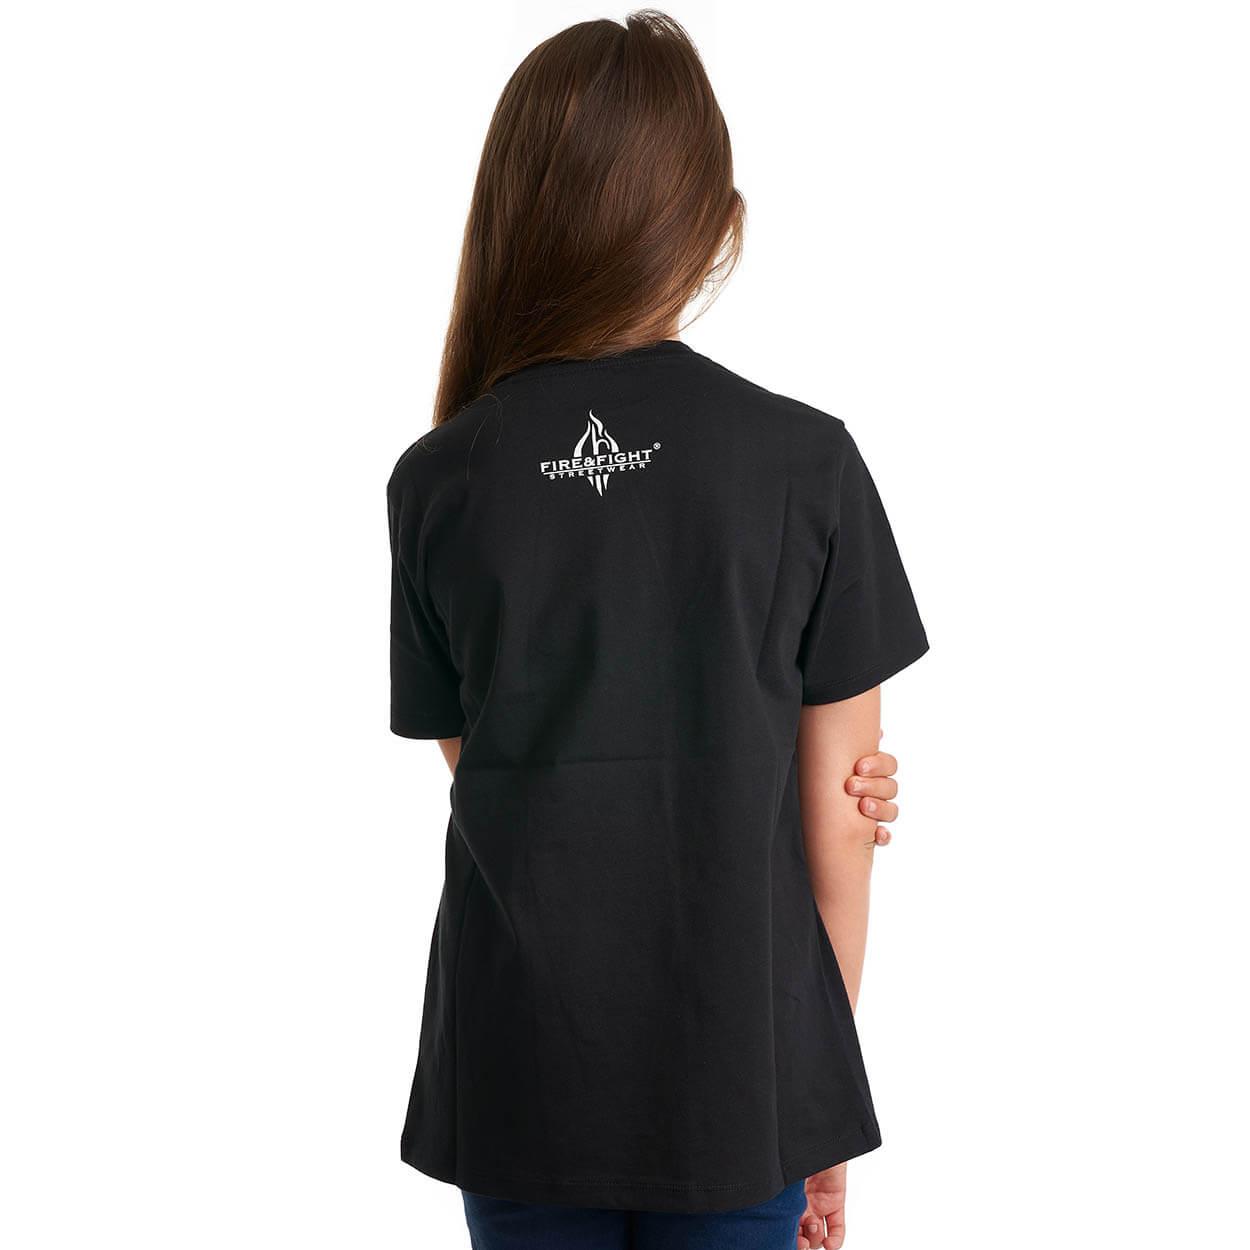 FIRE & FIGHT Streetwear® Kids Shirt